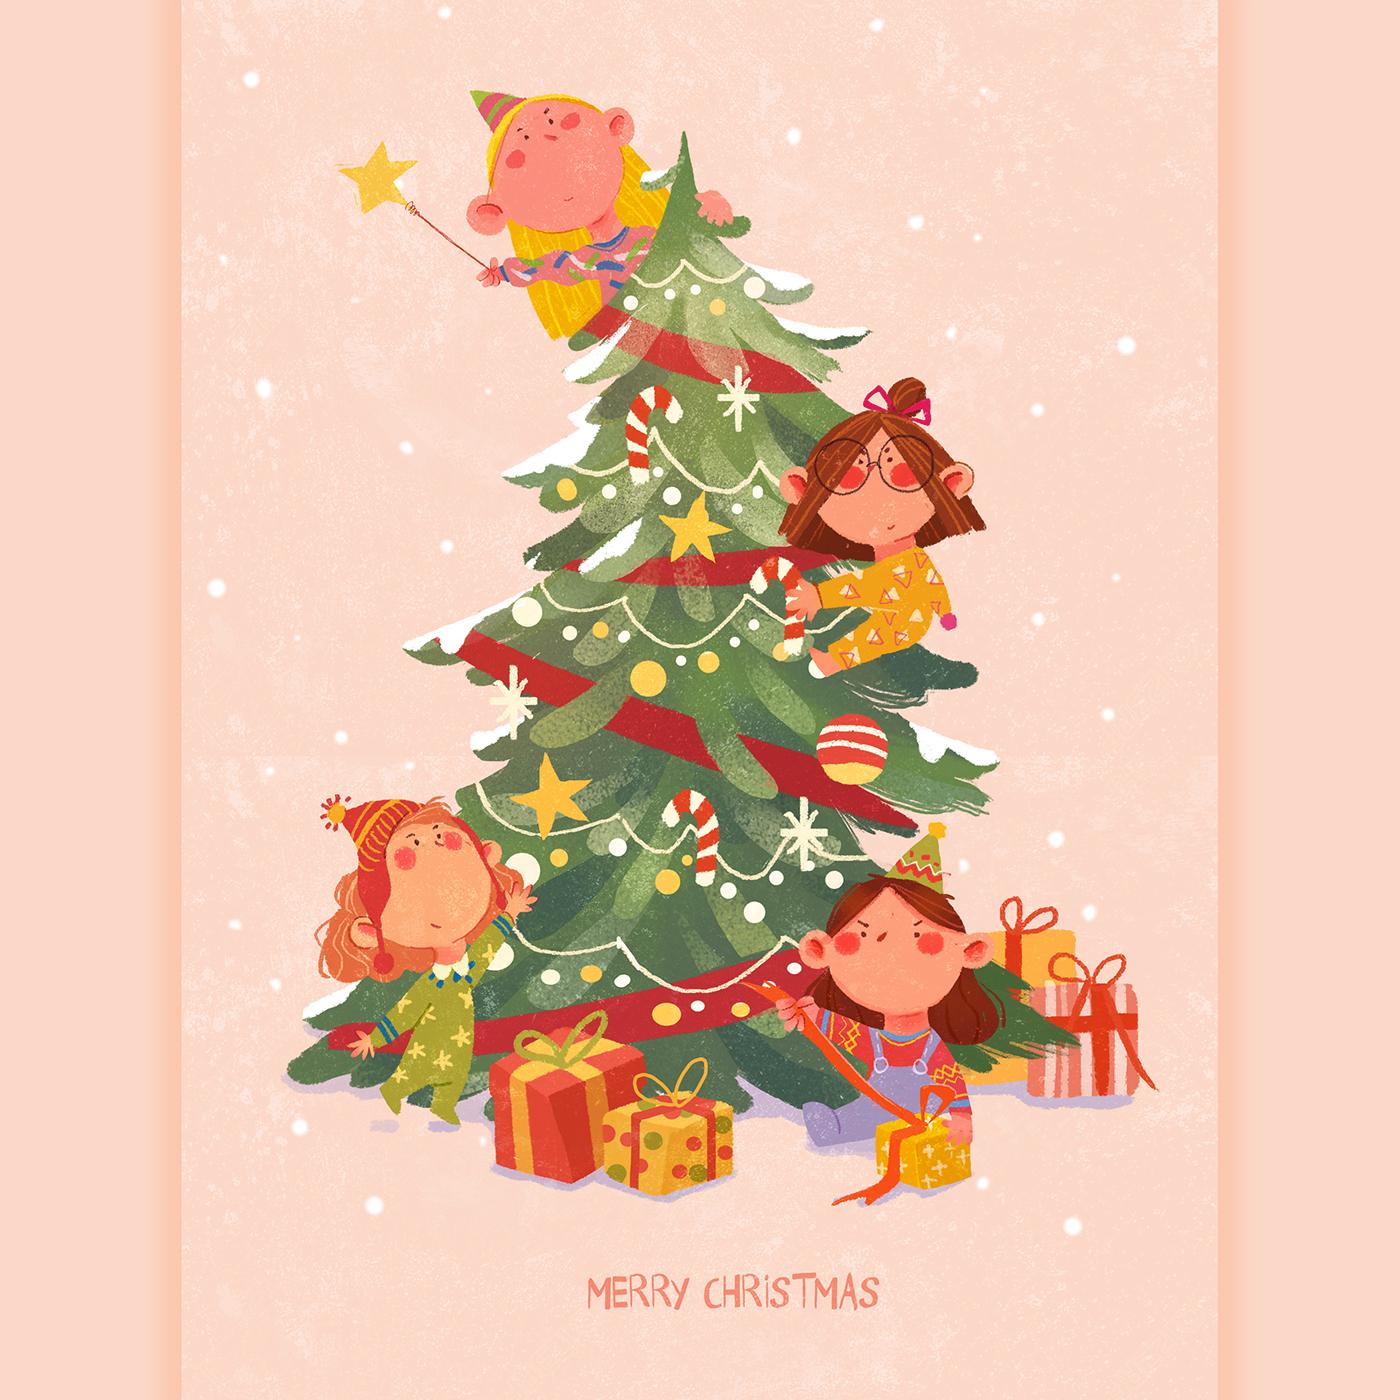 精緻的32款聖誕節圖片欣賞